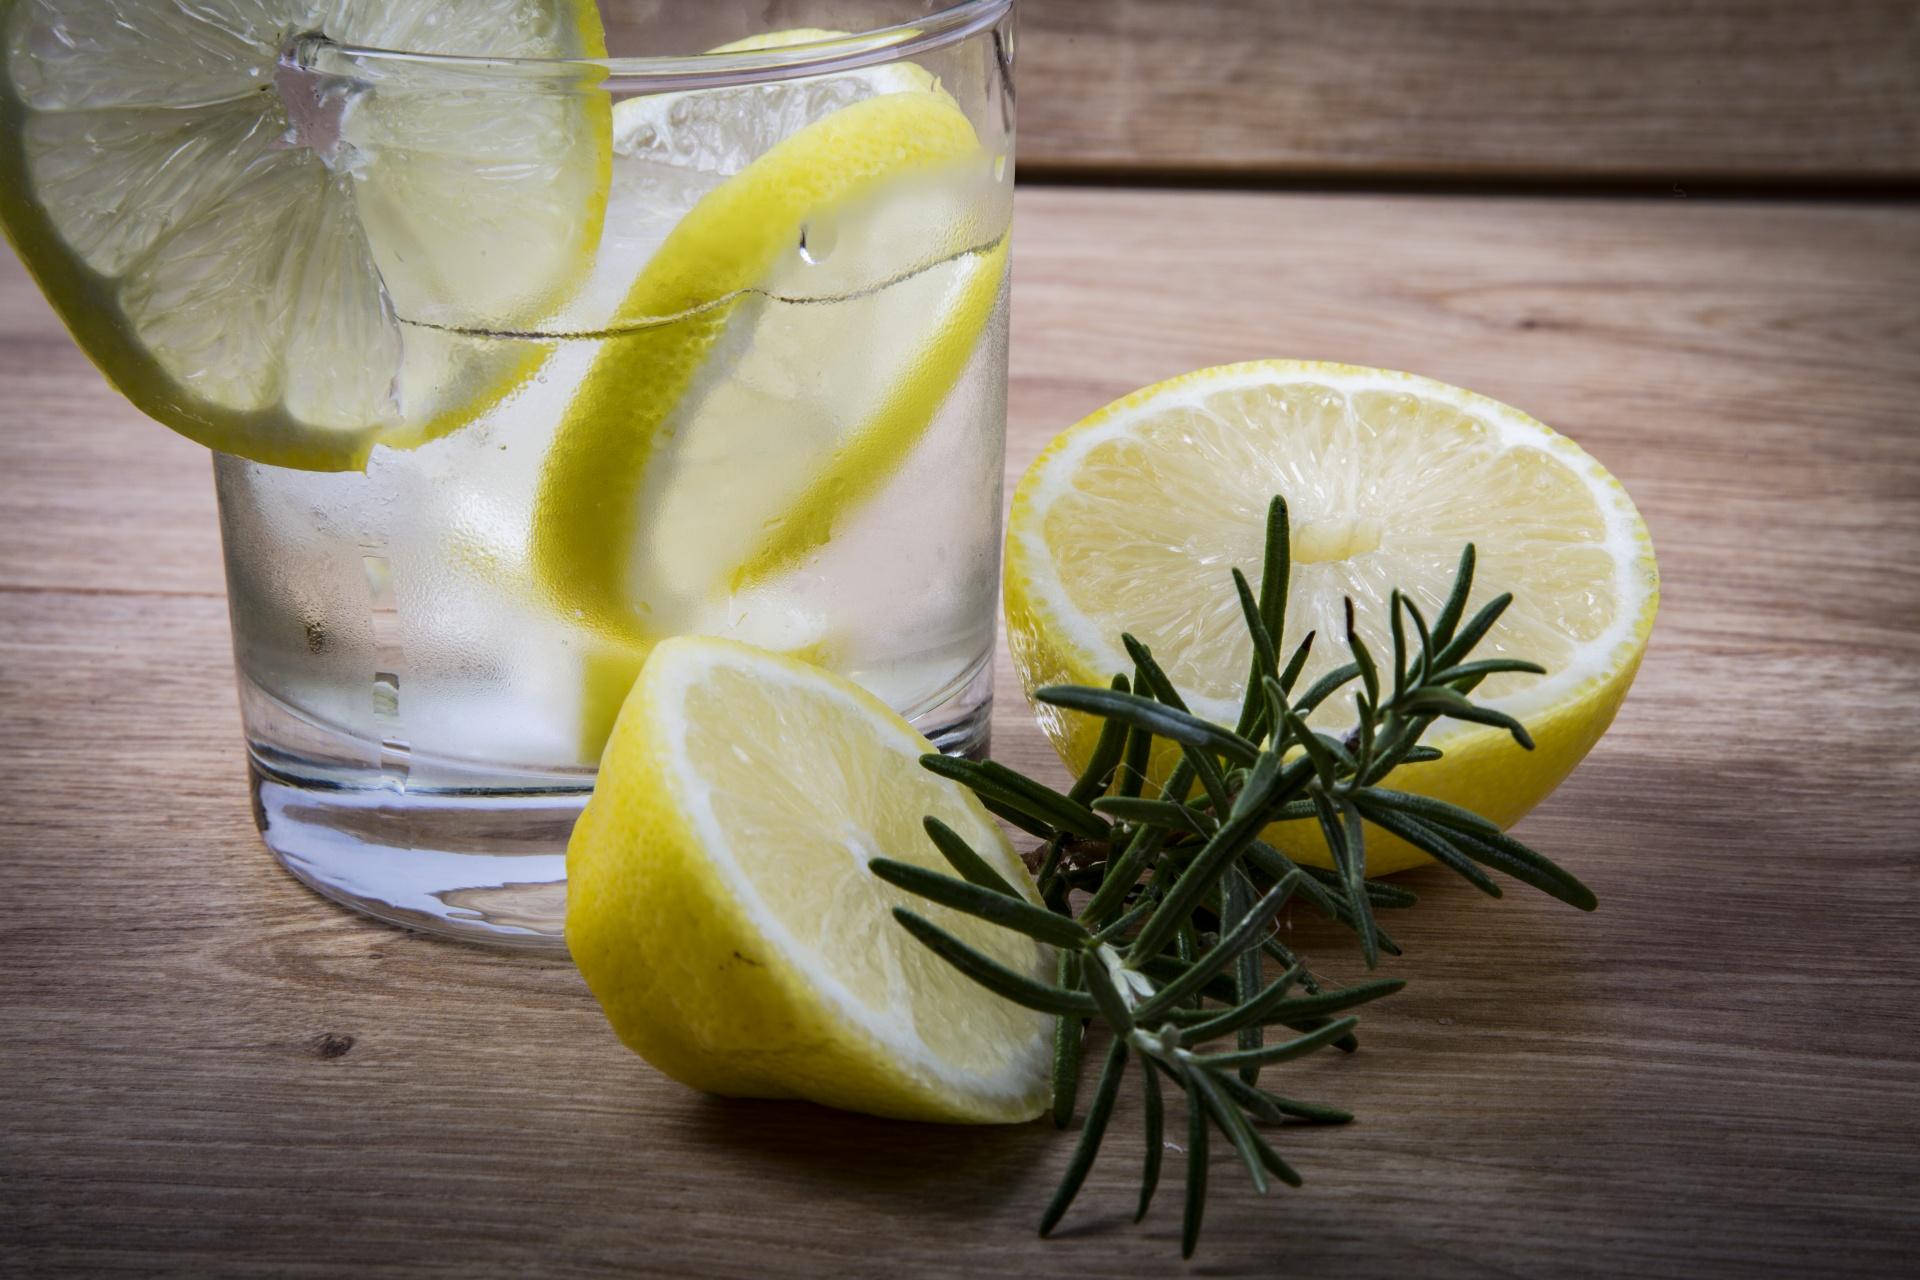 हे आहेत उन्हाळ्यात लिंबूपाणी पिण्याचे फायदे